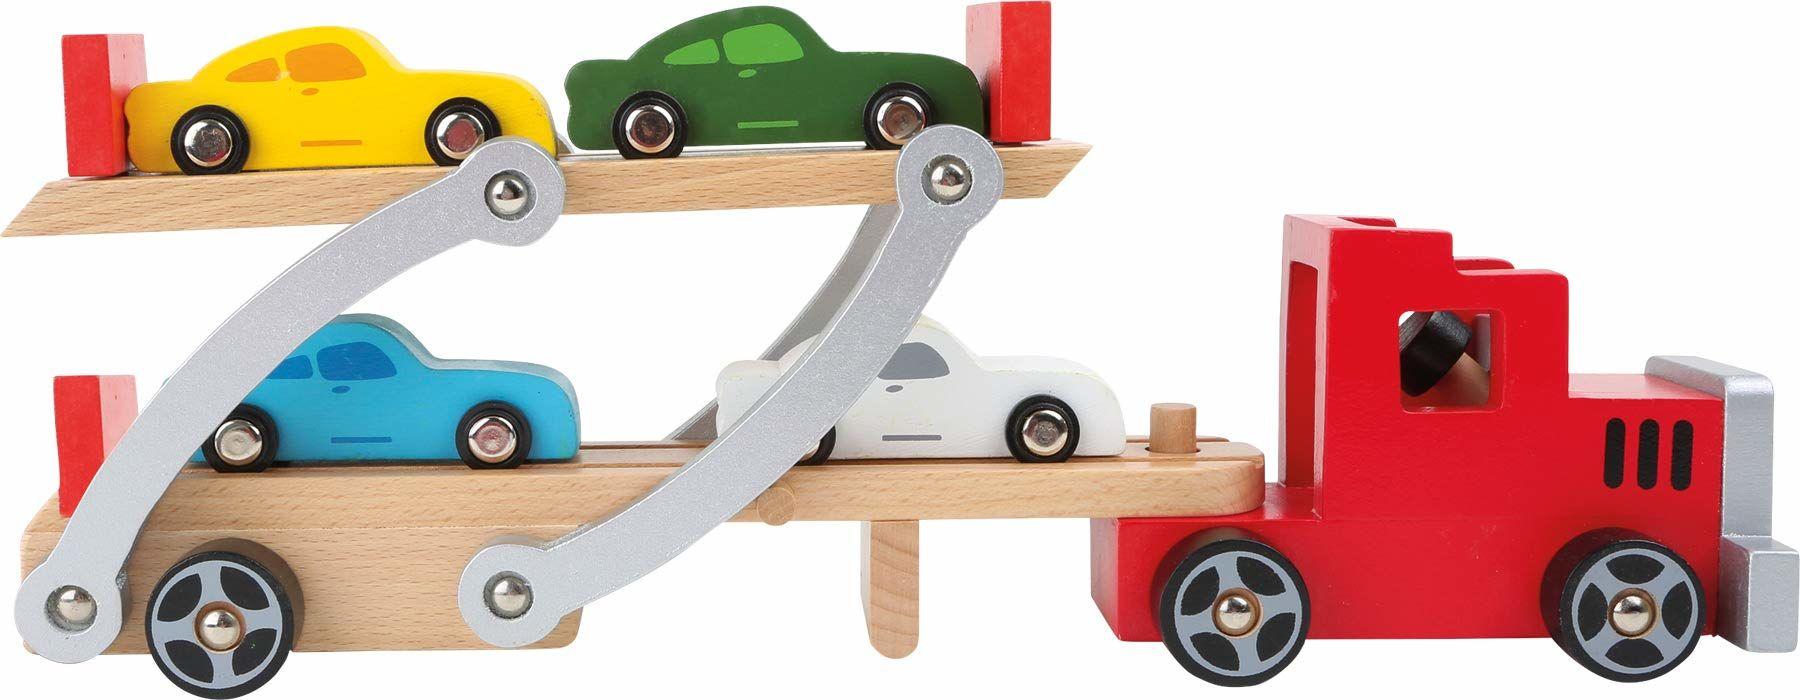 Small foot 4222 drewniany transporter samochodowy, z ruchomą rampą najazdową, zdejmowaną przyczepą i 4 samochodami